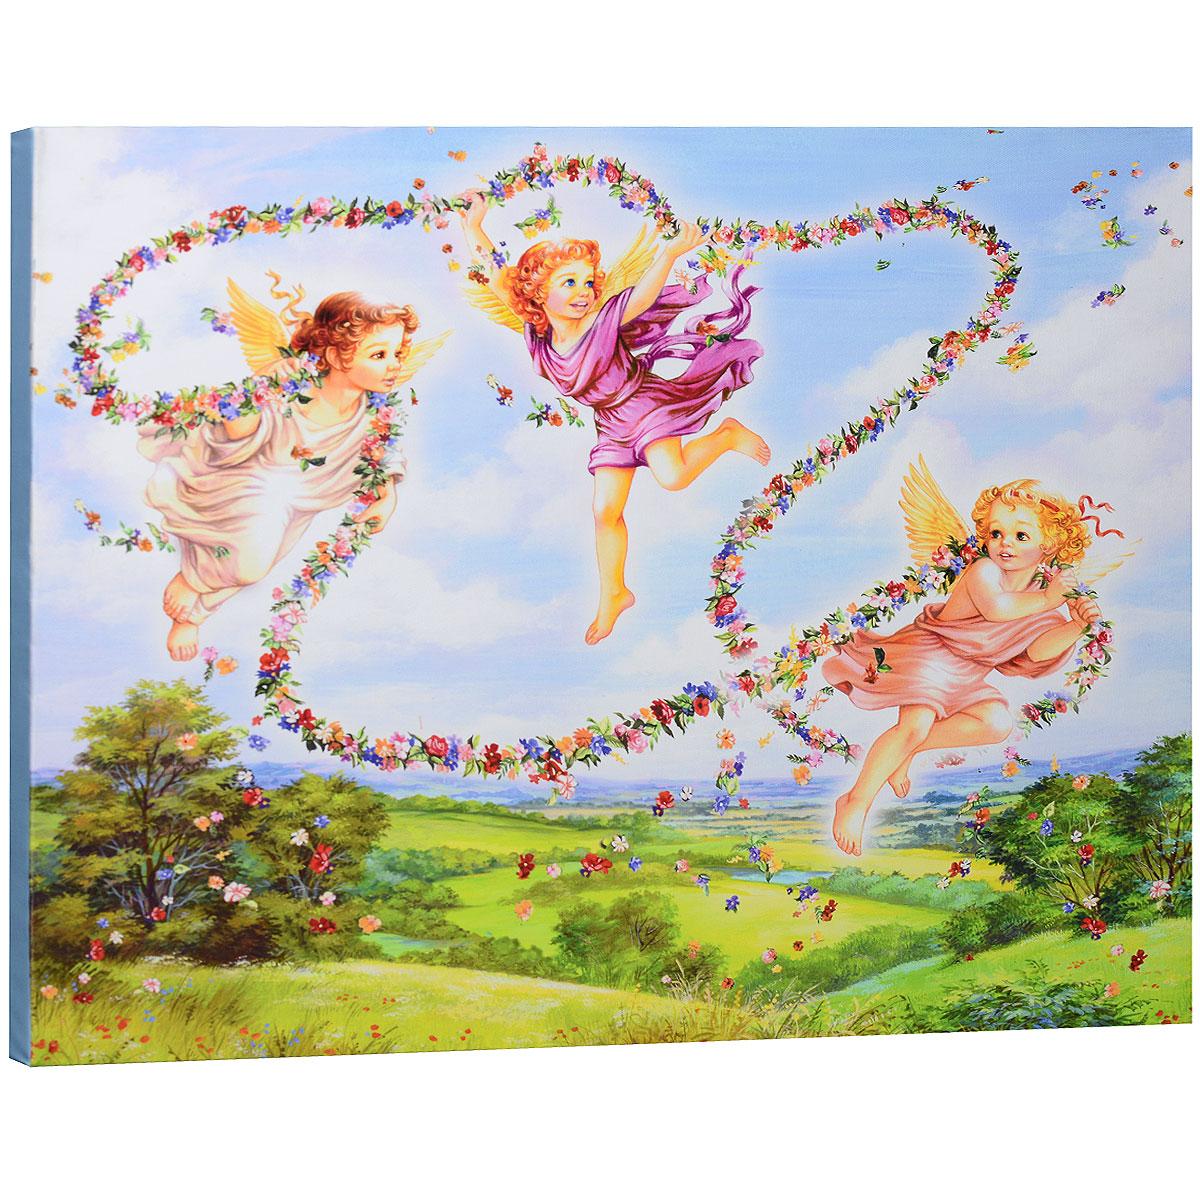 КвикДекор Картина на холсте Маленькие ангелы, 60 см х 50 см2-A-207Картина на холсте КвикДекор Маленькие ангелы автора Зорина Балдеску дополнит обстановку интерьера яркими красками и необычным оформлением. Изделие представляет собой картину с латексной печатью на натуральном хлопчатобумажном холсте. Галерейная натяжка холста на подрамники выполнена очень аккуратно, а боковые части картины запечатаны тоновой заливкой. Обратная сторона подрамника содержит отверстие, благодаря которому картину можно легко закрепить на стене и подкорректировать ее положение.Автор картины специализируется на создании восхитительных сказочных образов - русалок, принцесс, фей, единорогов и многих других. Сказки, иллюстрированные Зориной, - особый, волшебный и очаровательный мир, подаренный нам художницей посредством ее искусства и неисчерпаемой фантазии.Картина Маленькие ангелы отлично подойдет к интерьеру не только детской комнаты, но и гостиной.Картина поставляется в стрейч-пленке с защитными картонными уголками, упакована в гофрокоробку с термоусадкой.